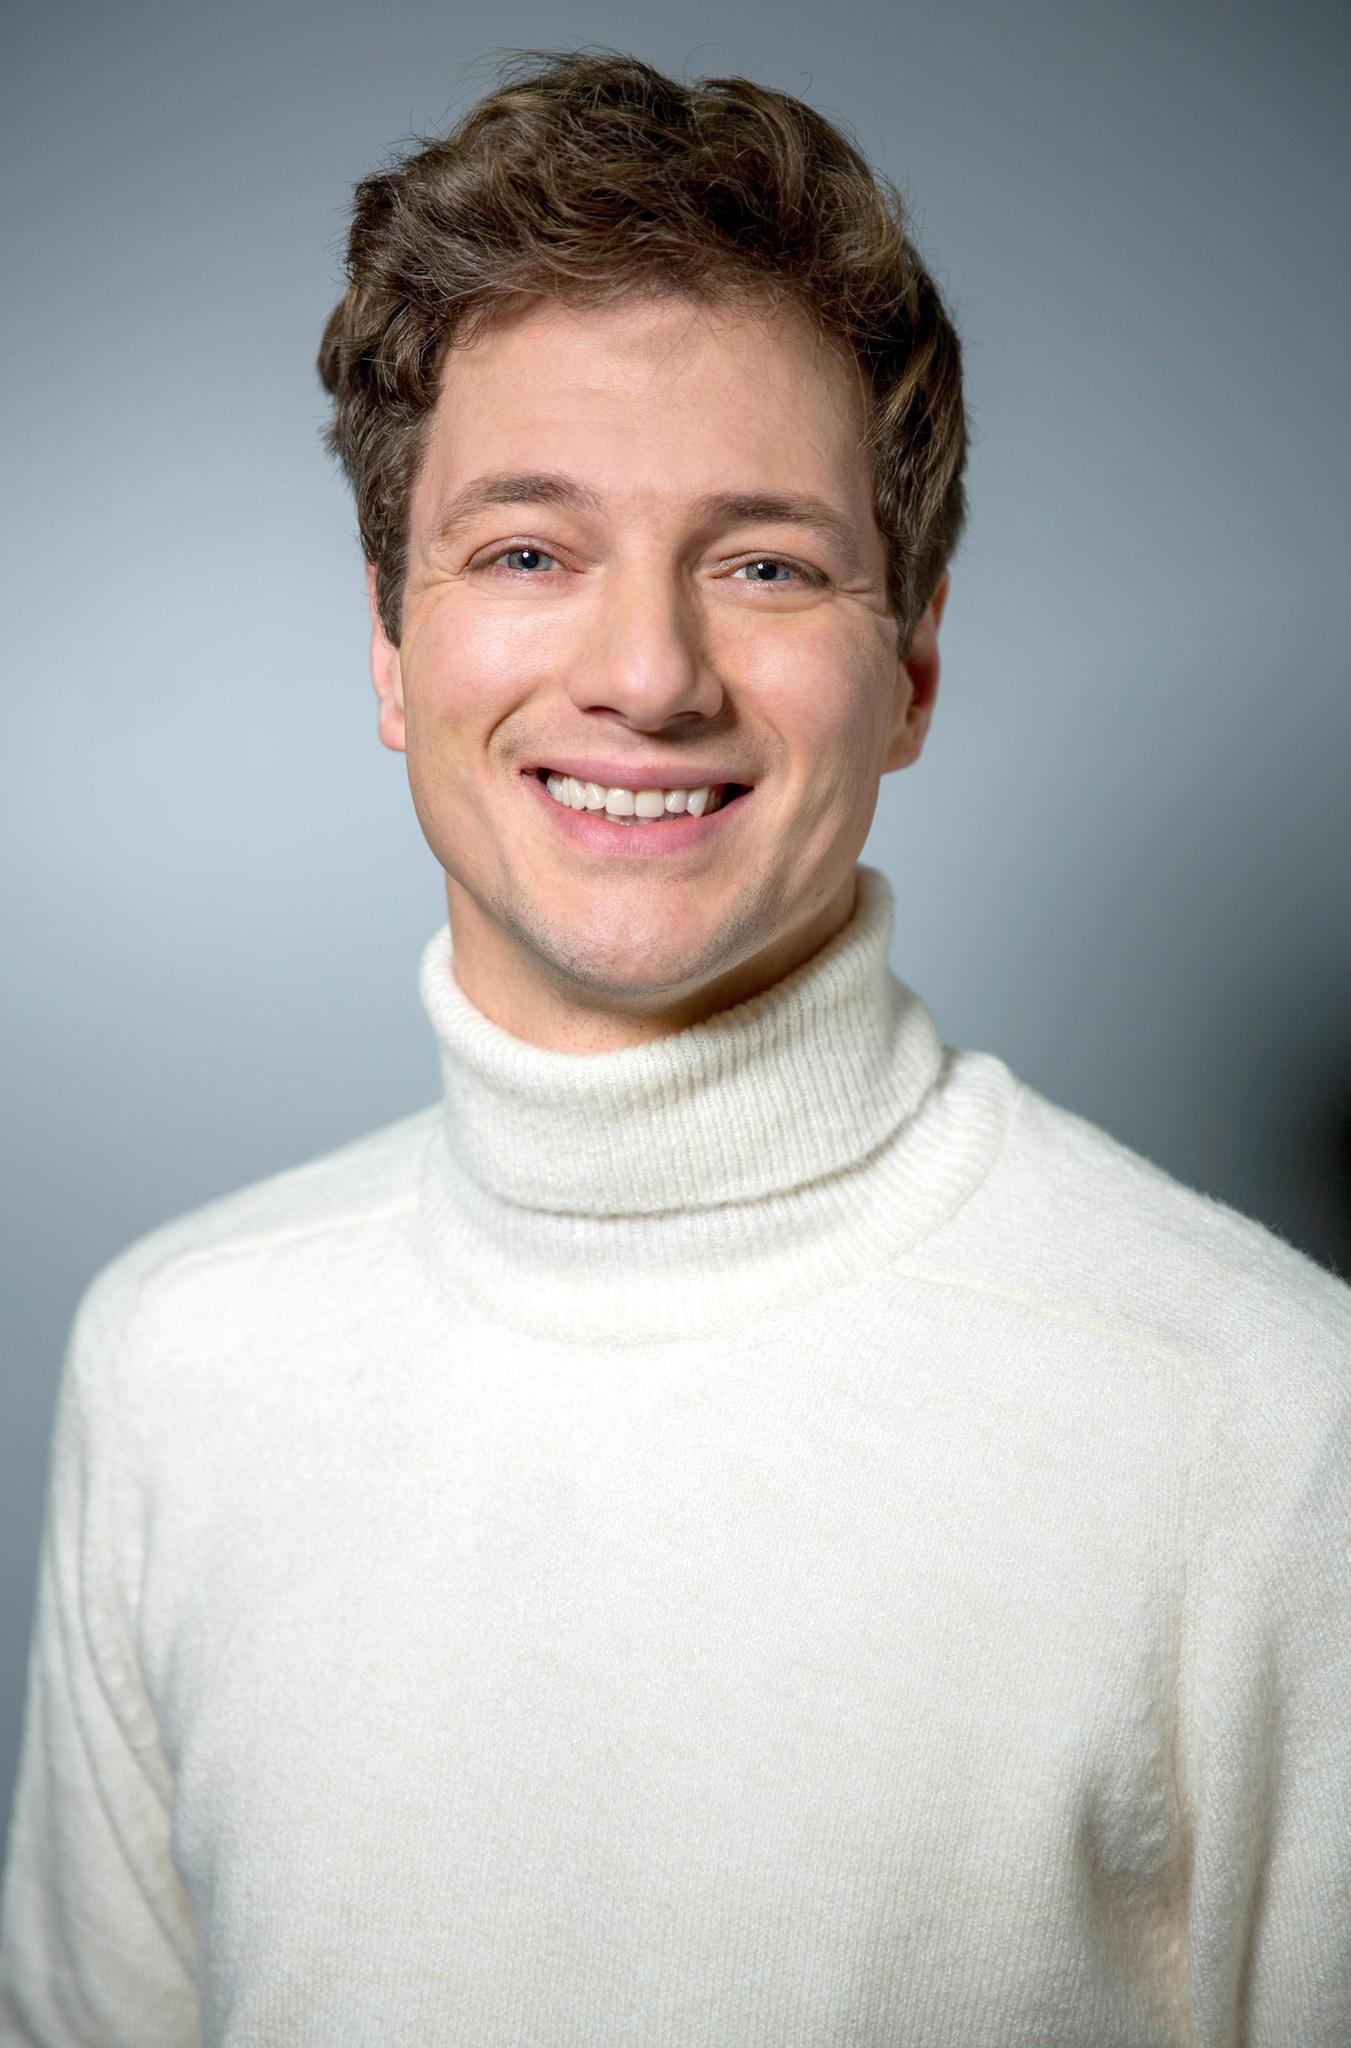 Patrick Dollmann übernimmt ab Folge 3111 (voraussichtlicher Sendetermin: 20. März 2019) die Rolle des Henry